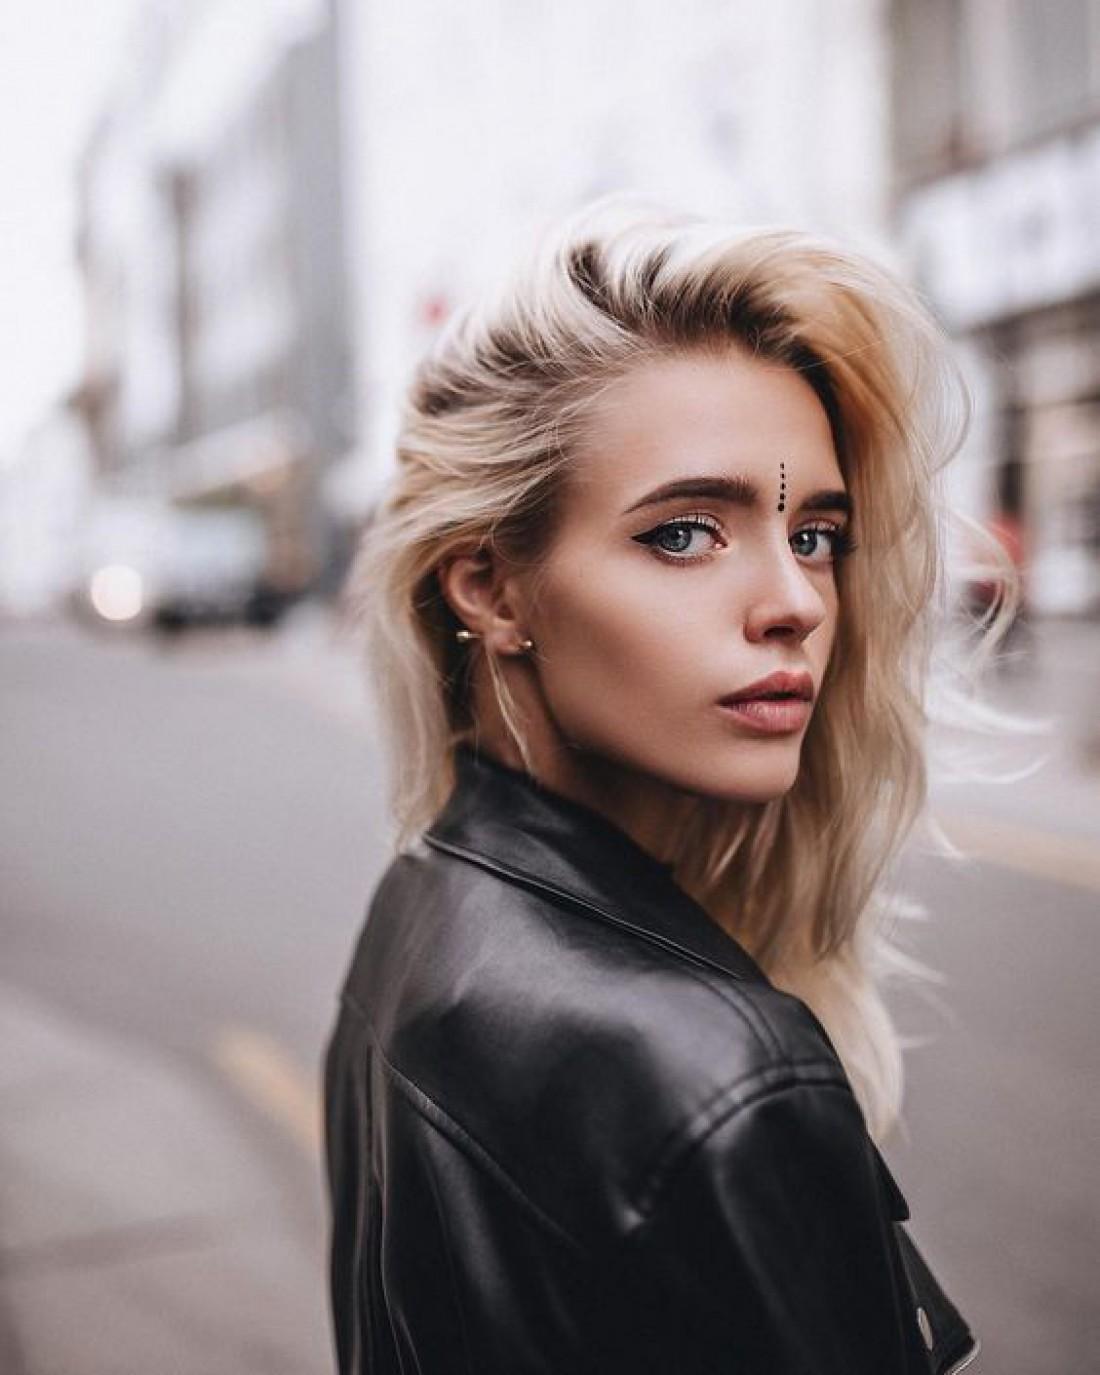 Альфа-женщина: 7 секретов ее привлекательности